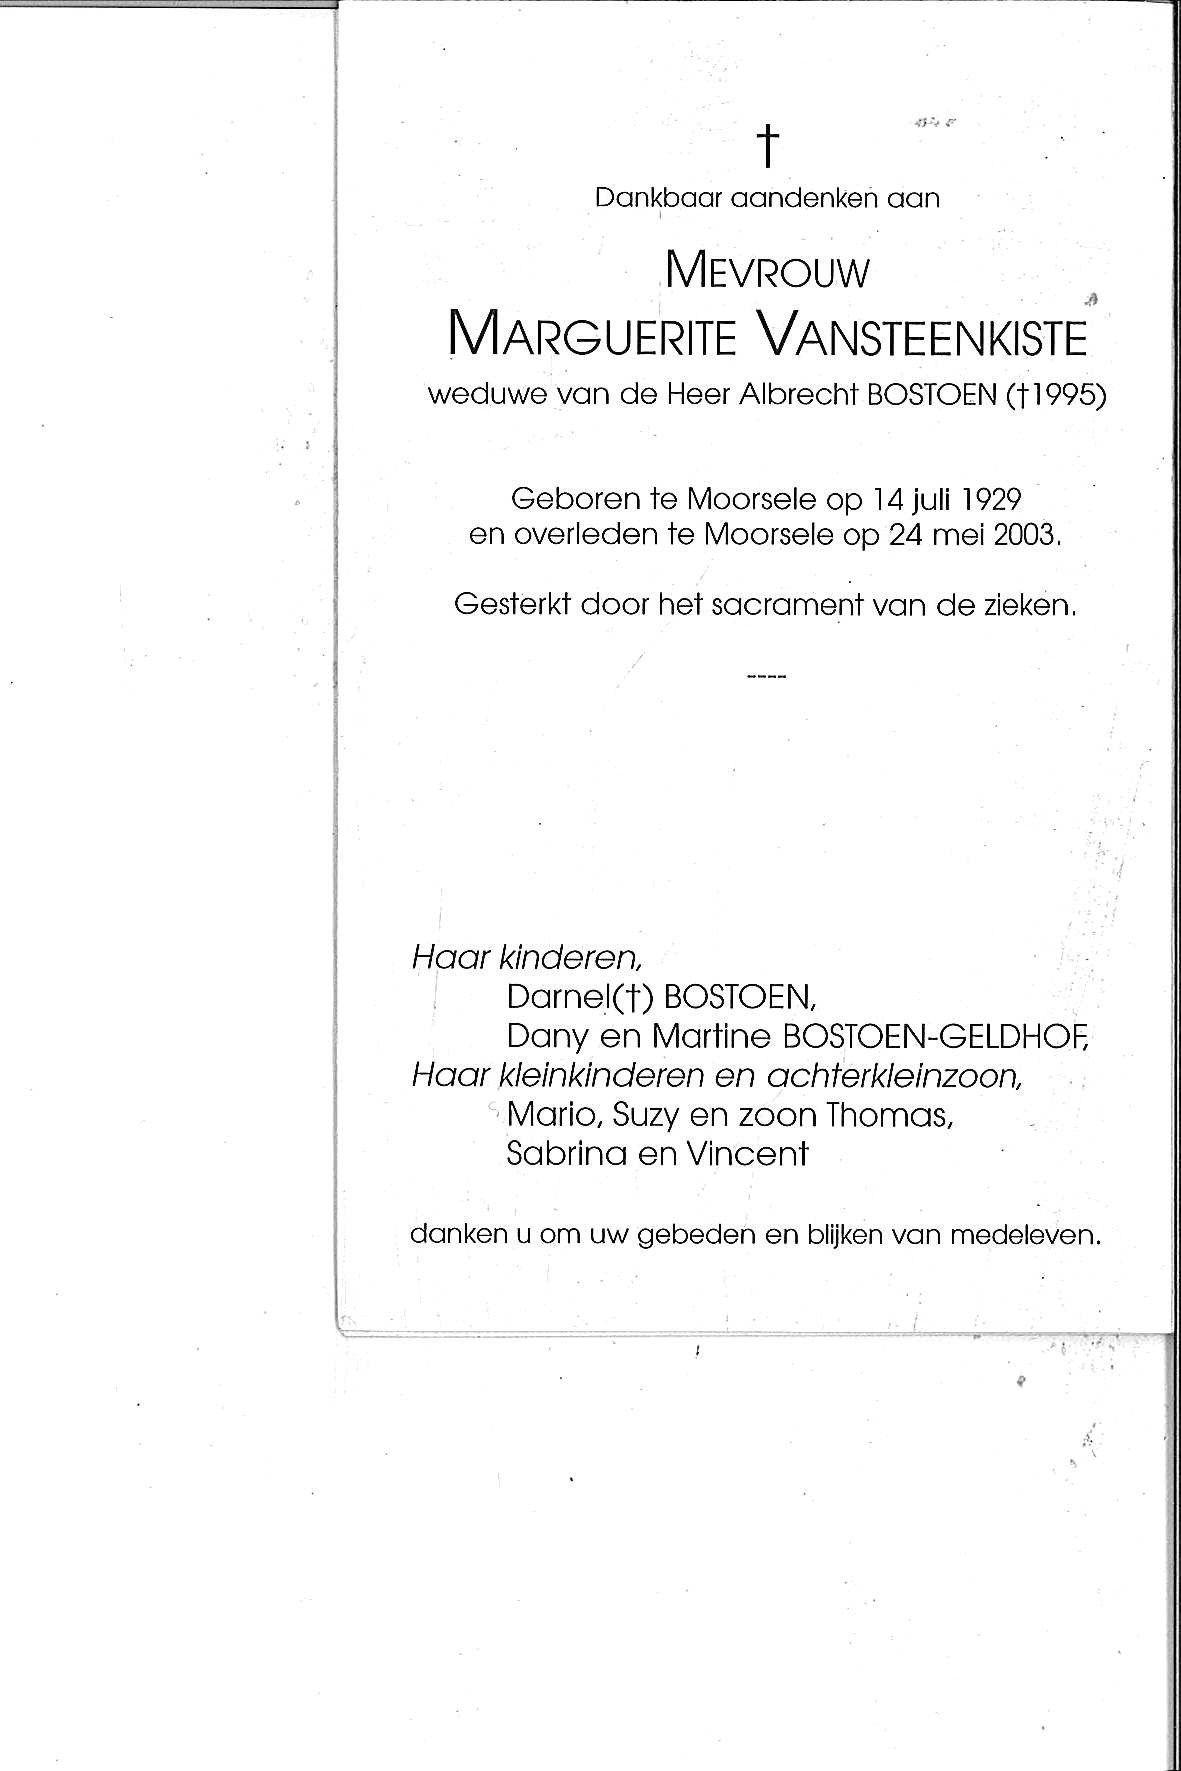 Marguerite(2003)20150707144805_00050.jpg